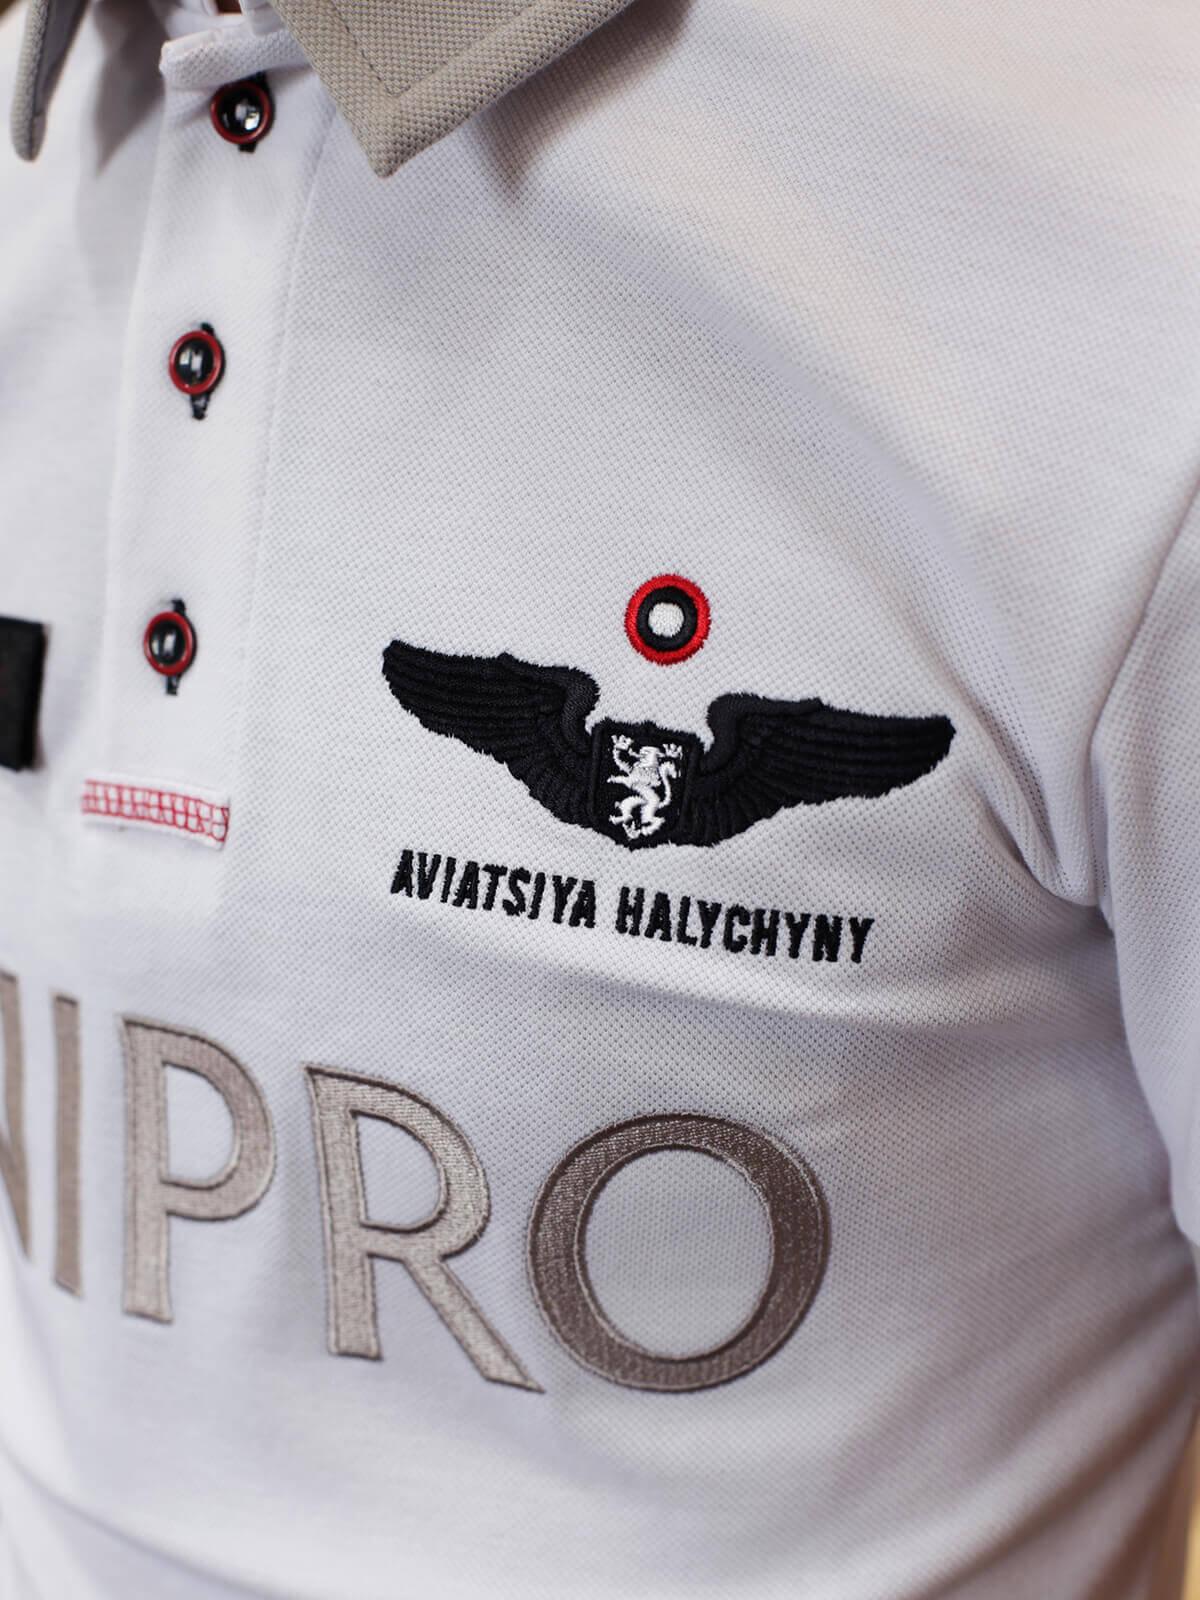 Чоловіче Поло Air Race Dnipro. Колір білий.  Розмір на моделі: S.